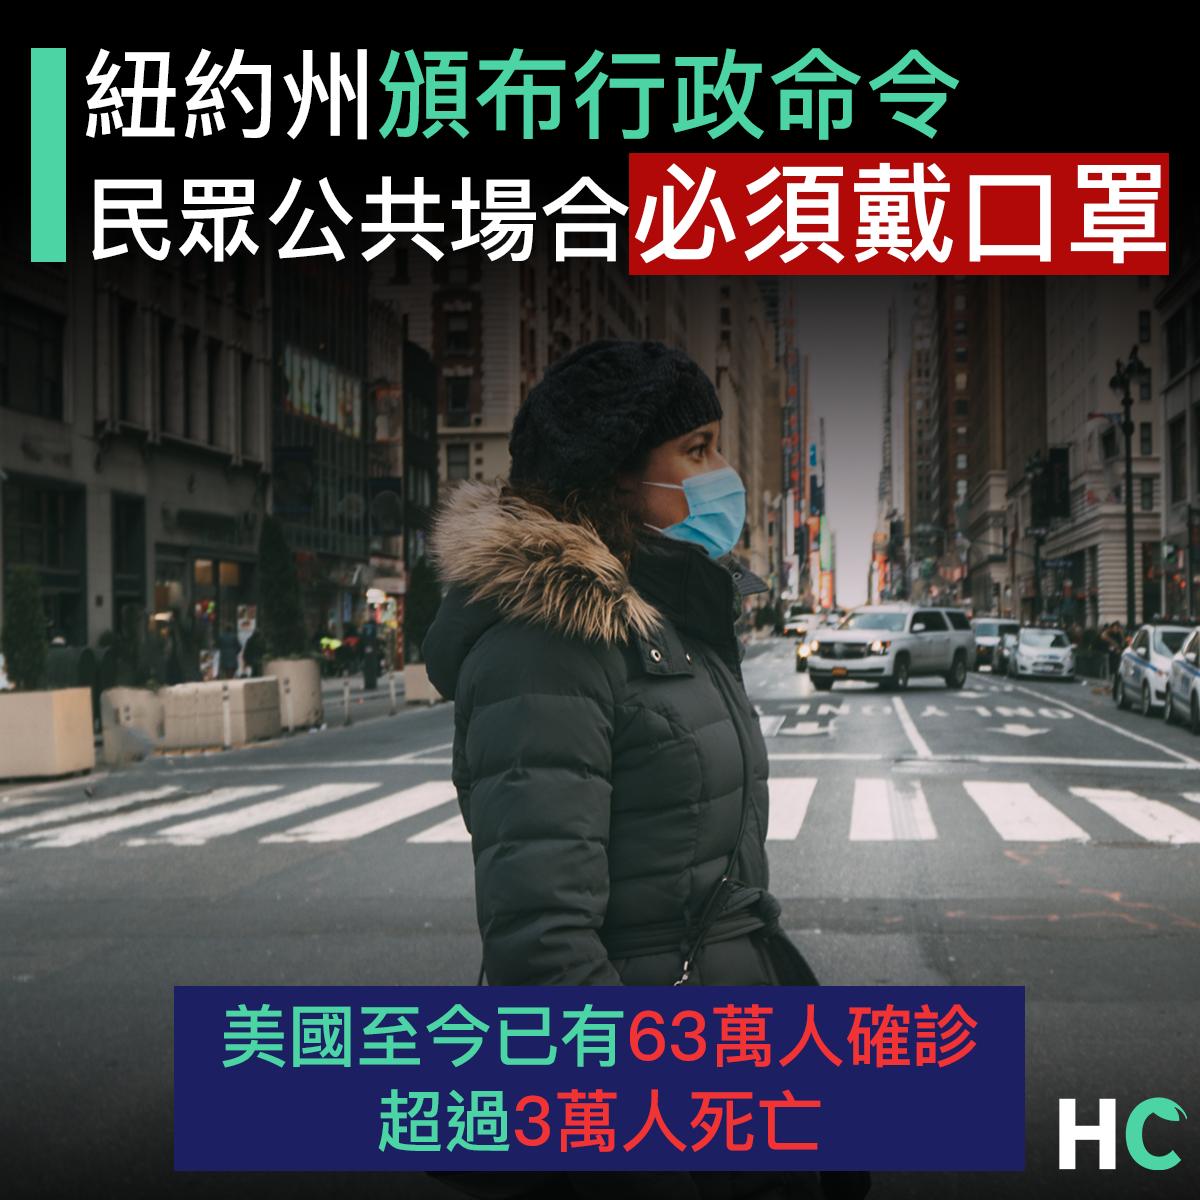 【#武漢肺炎】紐約州頒布行政命令 民眾公共場合必須戴口罩